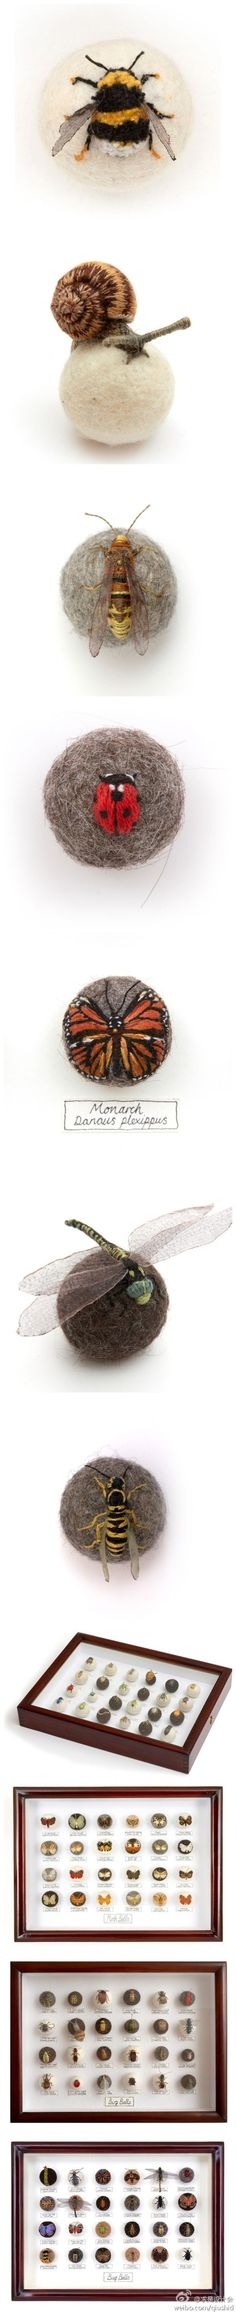 栩栩如生的3D立体昆虫刺绣,来自艺术家Claire Moynihan